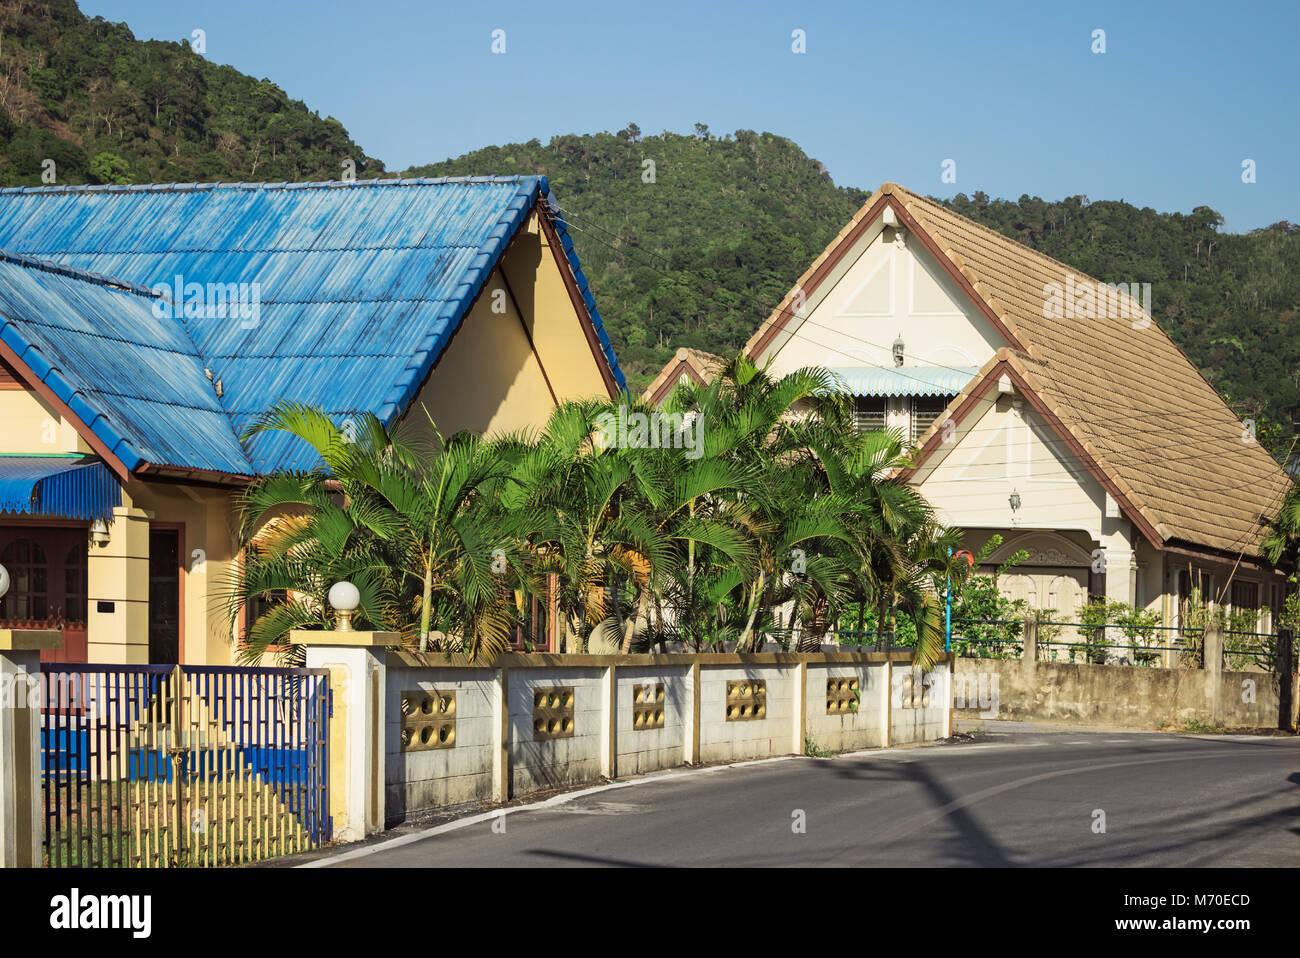 Calle aldea tailandesa al pie de las montañas verdes Foto de stock